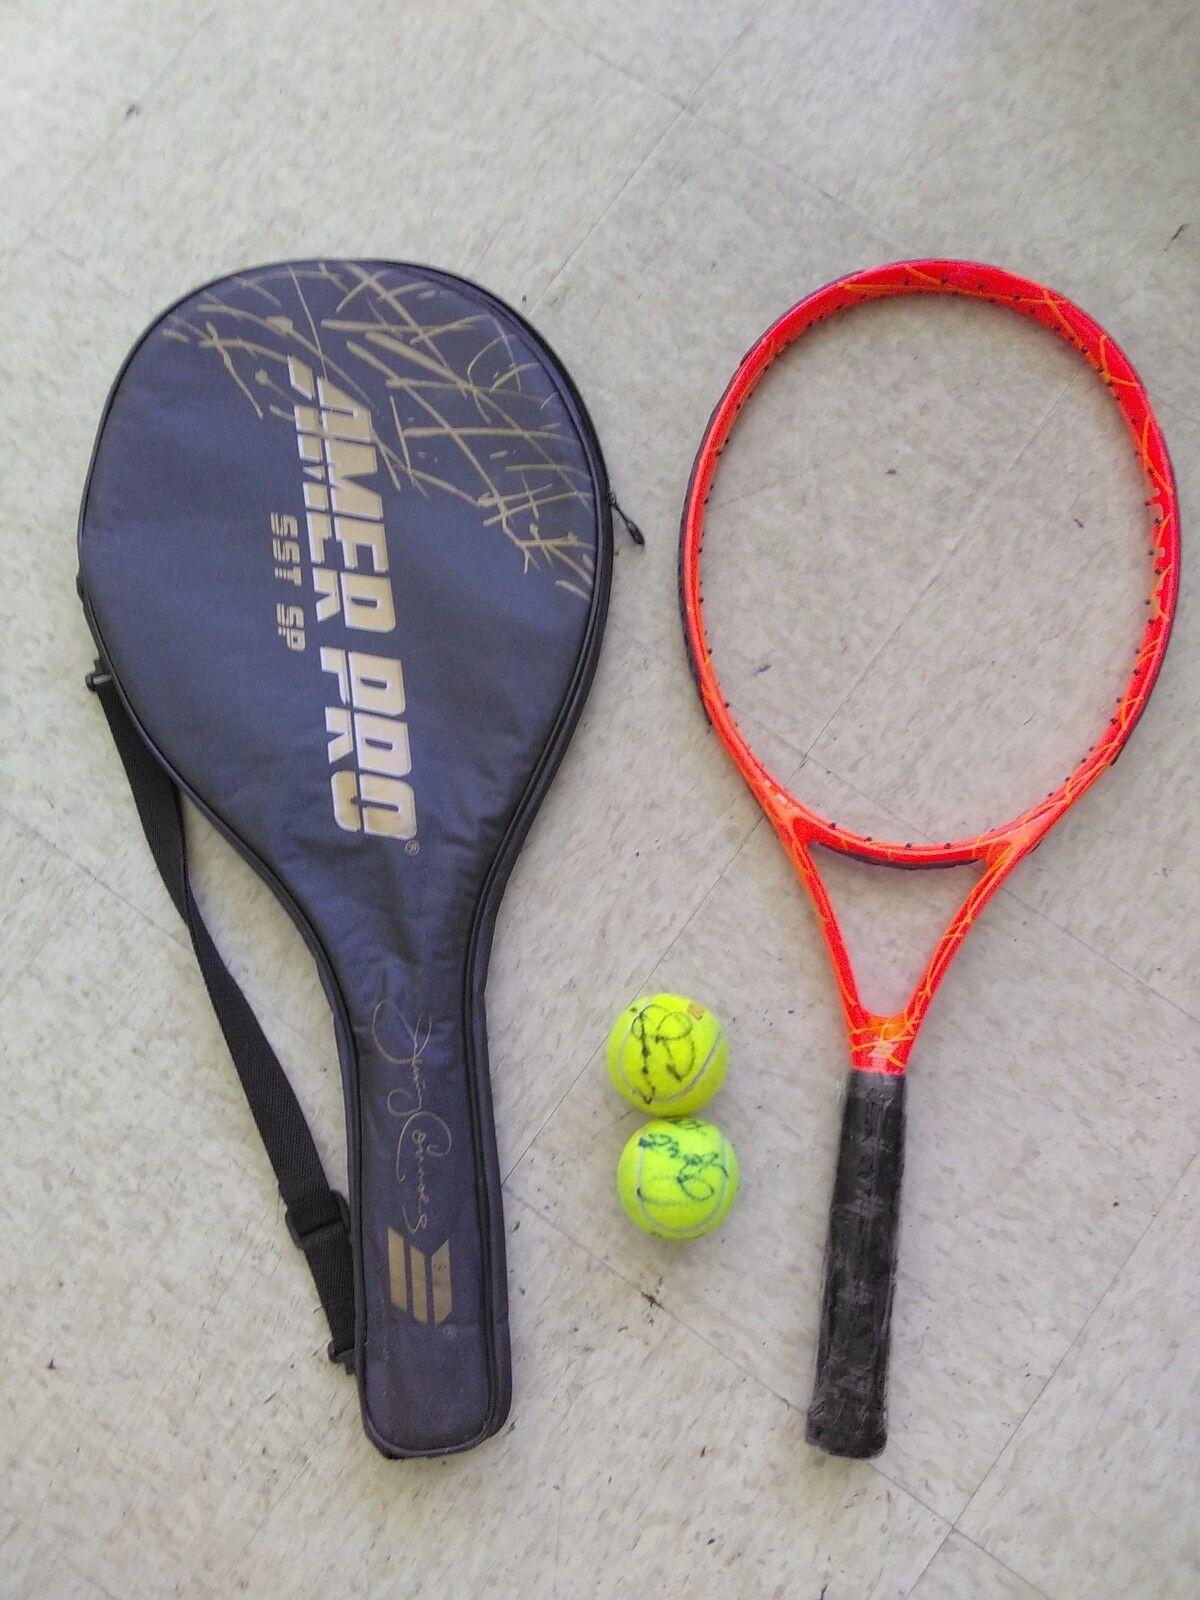 American Pro Jimmy  Connors USL3 tenis raqueta, 4 3 8 GS, nuevas condiciones con 2 Sign  elige tu favorito